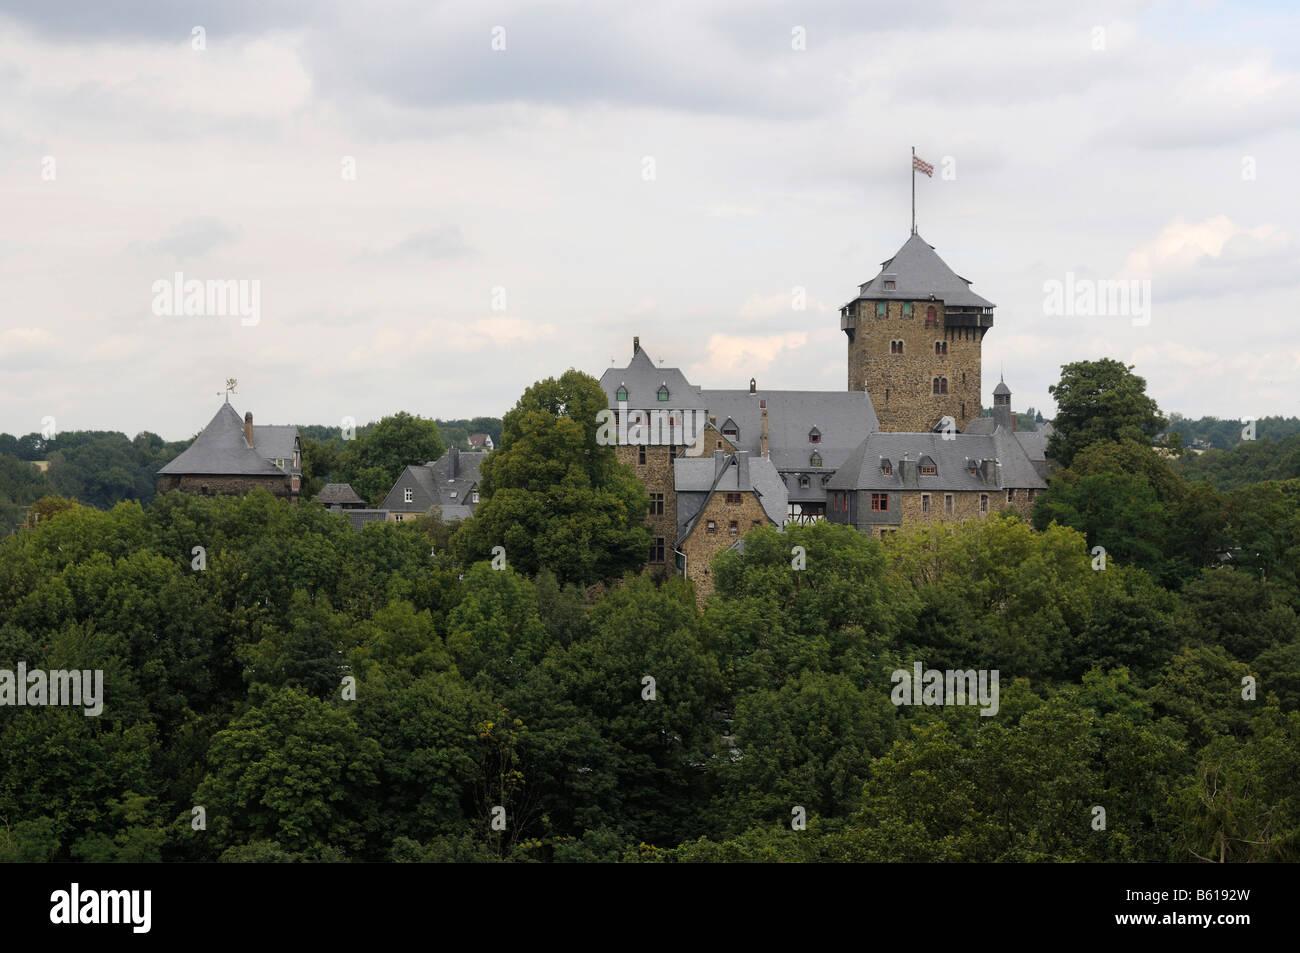 Burg Castle, Burg an der Wupper, Solingen, North Rhine-Westphalia - Stock Image